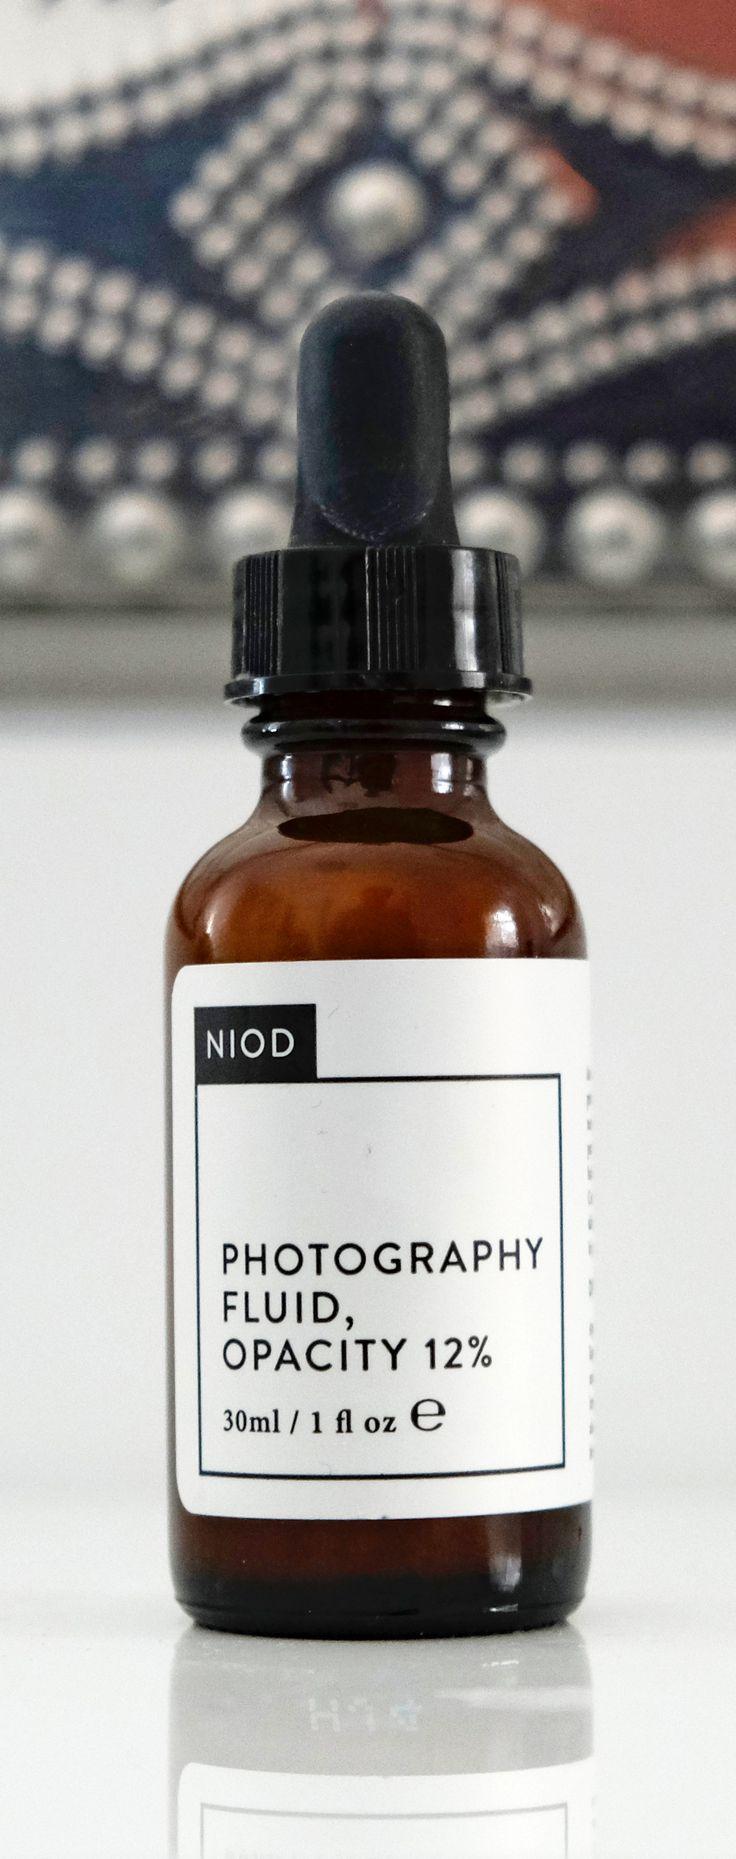 Niod Photography Fluid Opacity 12 %  Männerkosmetik Deciem • Männerpflege • Pflegeprodukte für Männer